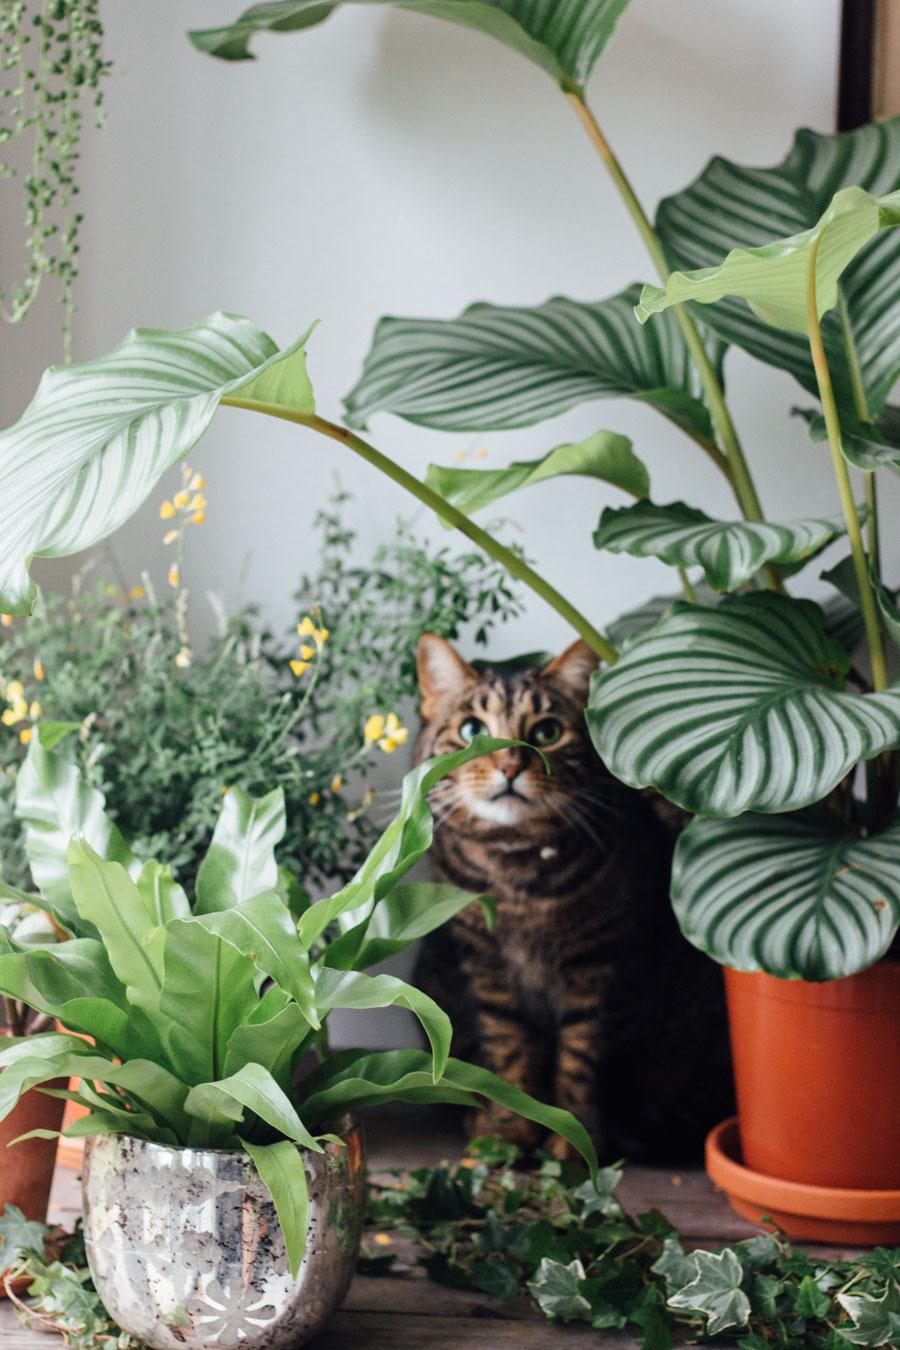 Elefantenfuß Giftig Für Katze haustierfreundliche pflanzen pflanzenfreude